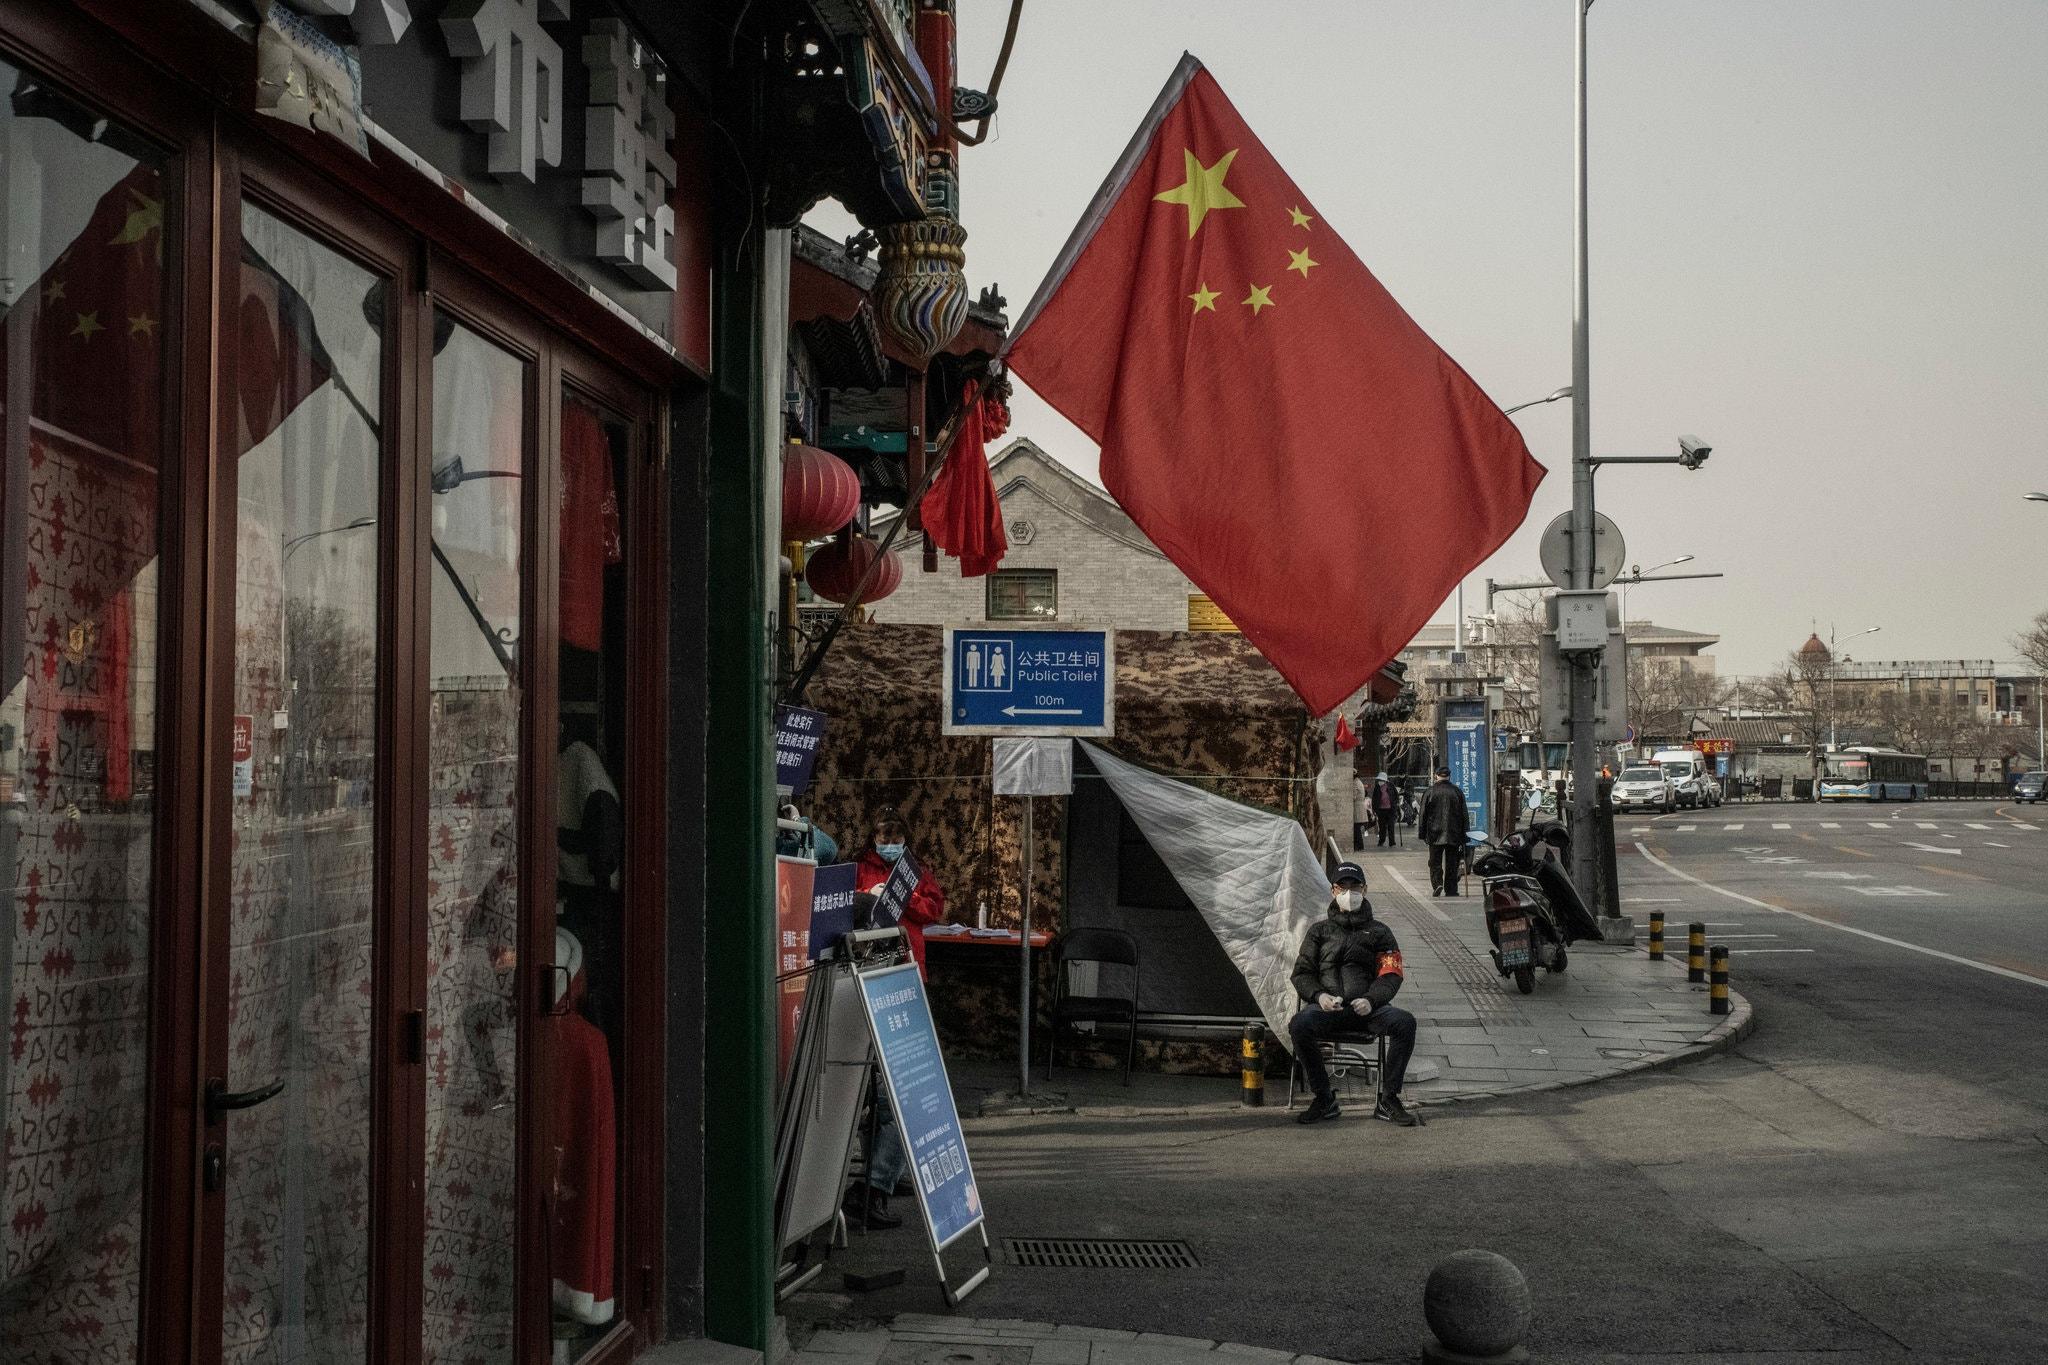 Provincia China de Hubei y Wuhan su capital, no registran nuevos casos de Covid-19